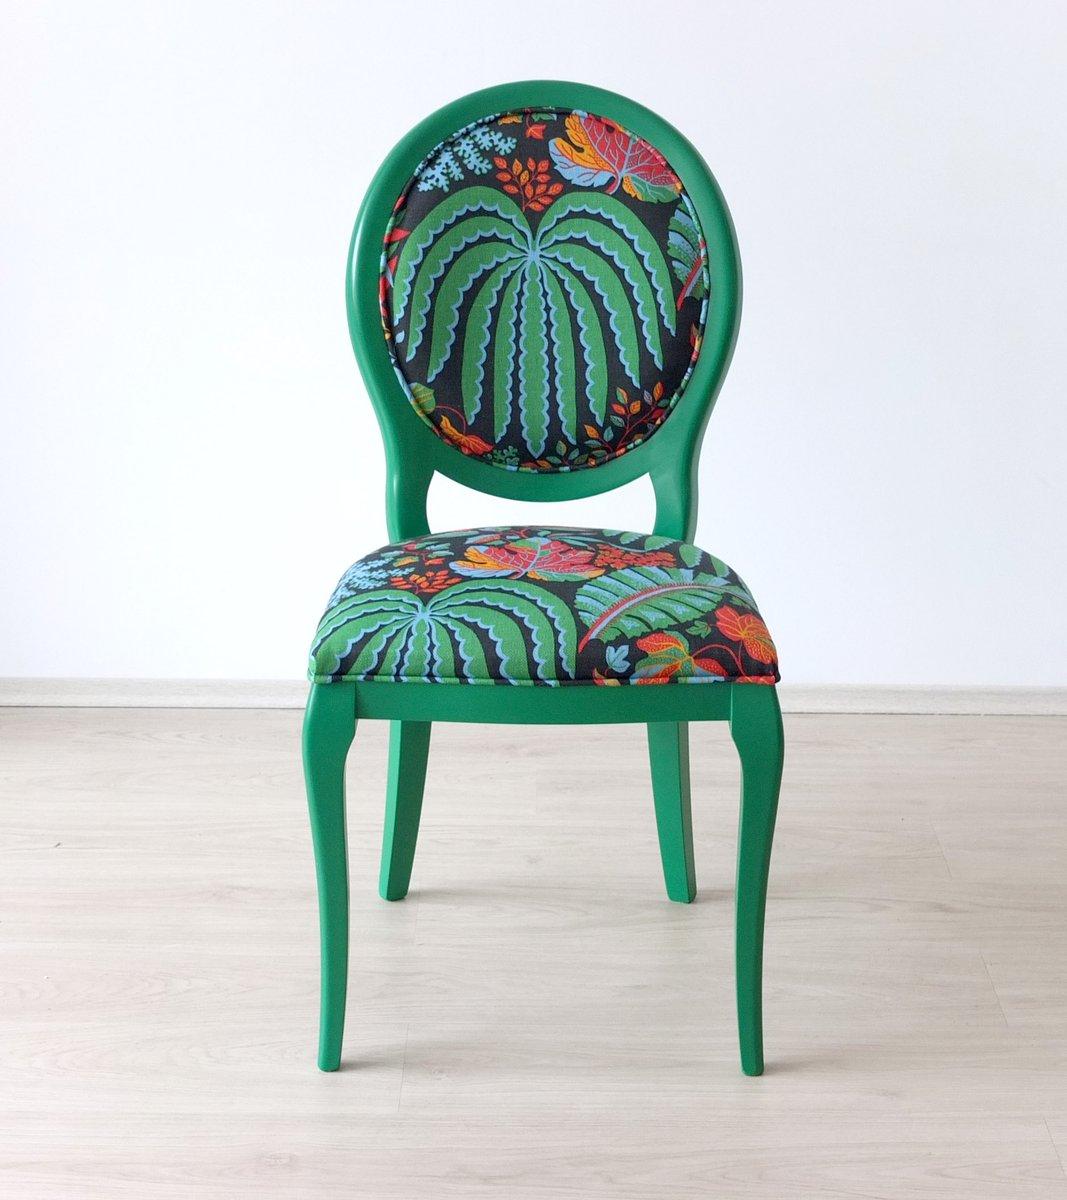 chaise en h tre avec tissu tropical sanderson 2015 en vente sur pamono. Black Bedroom Furniture Sets. Home Design Ideas